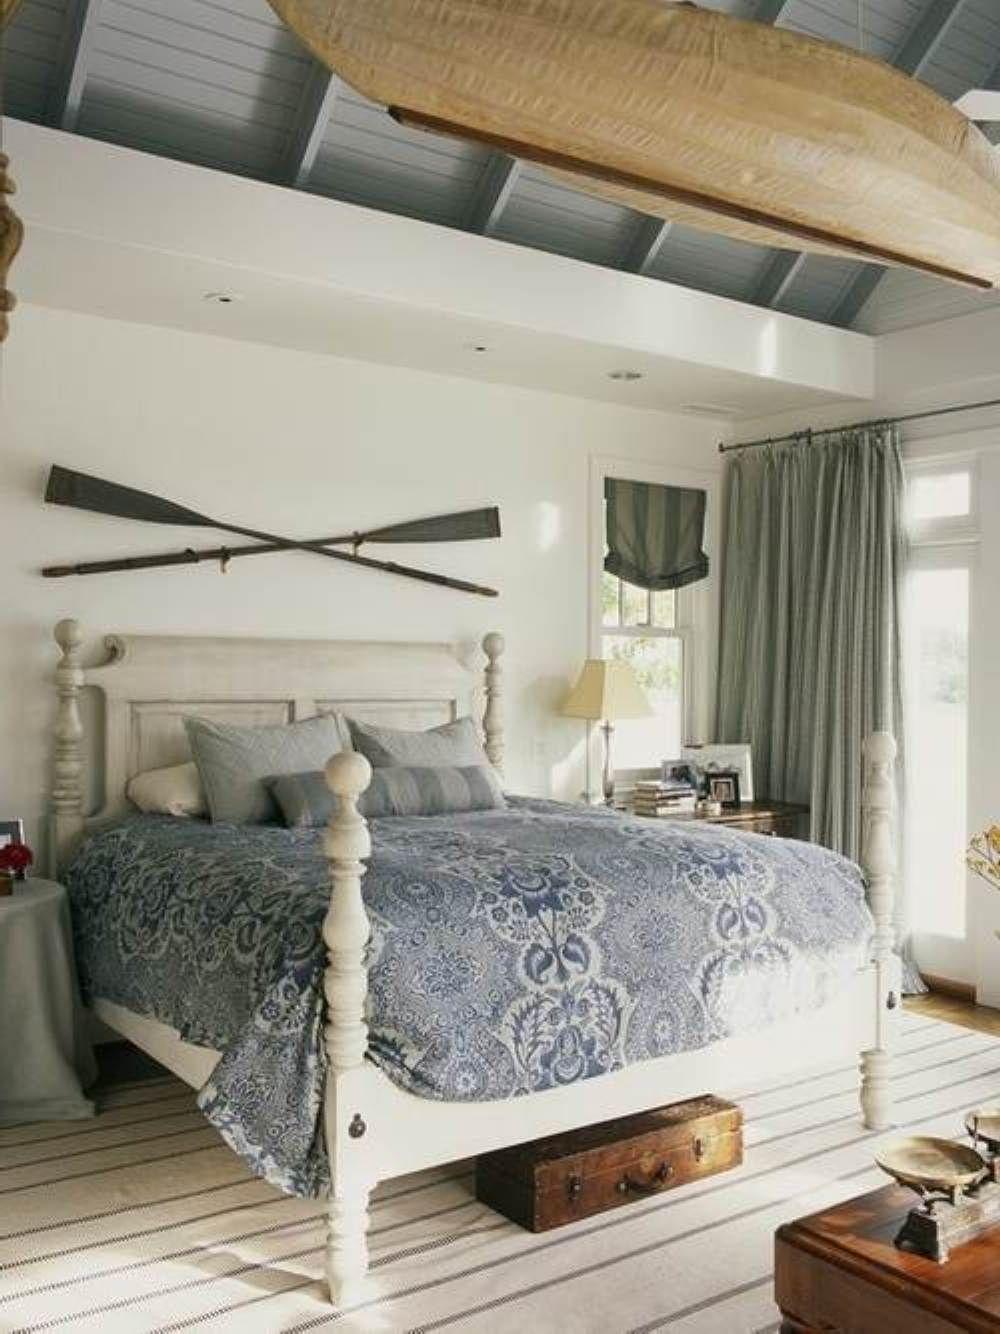 Ocean Nautical Bedroom Ideas Better Home And Garden Guest Room